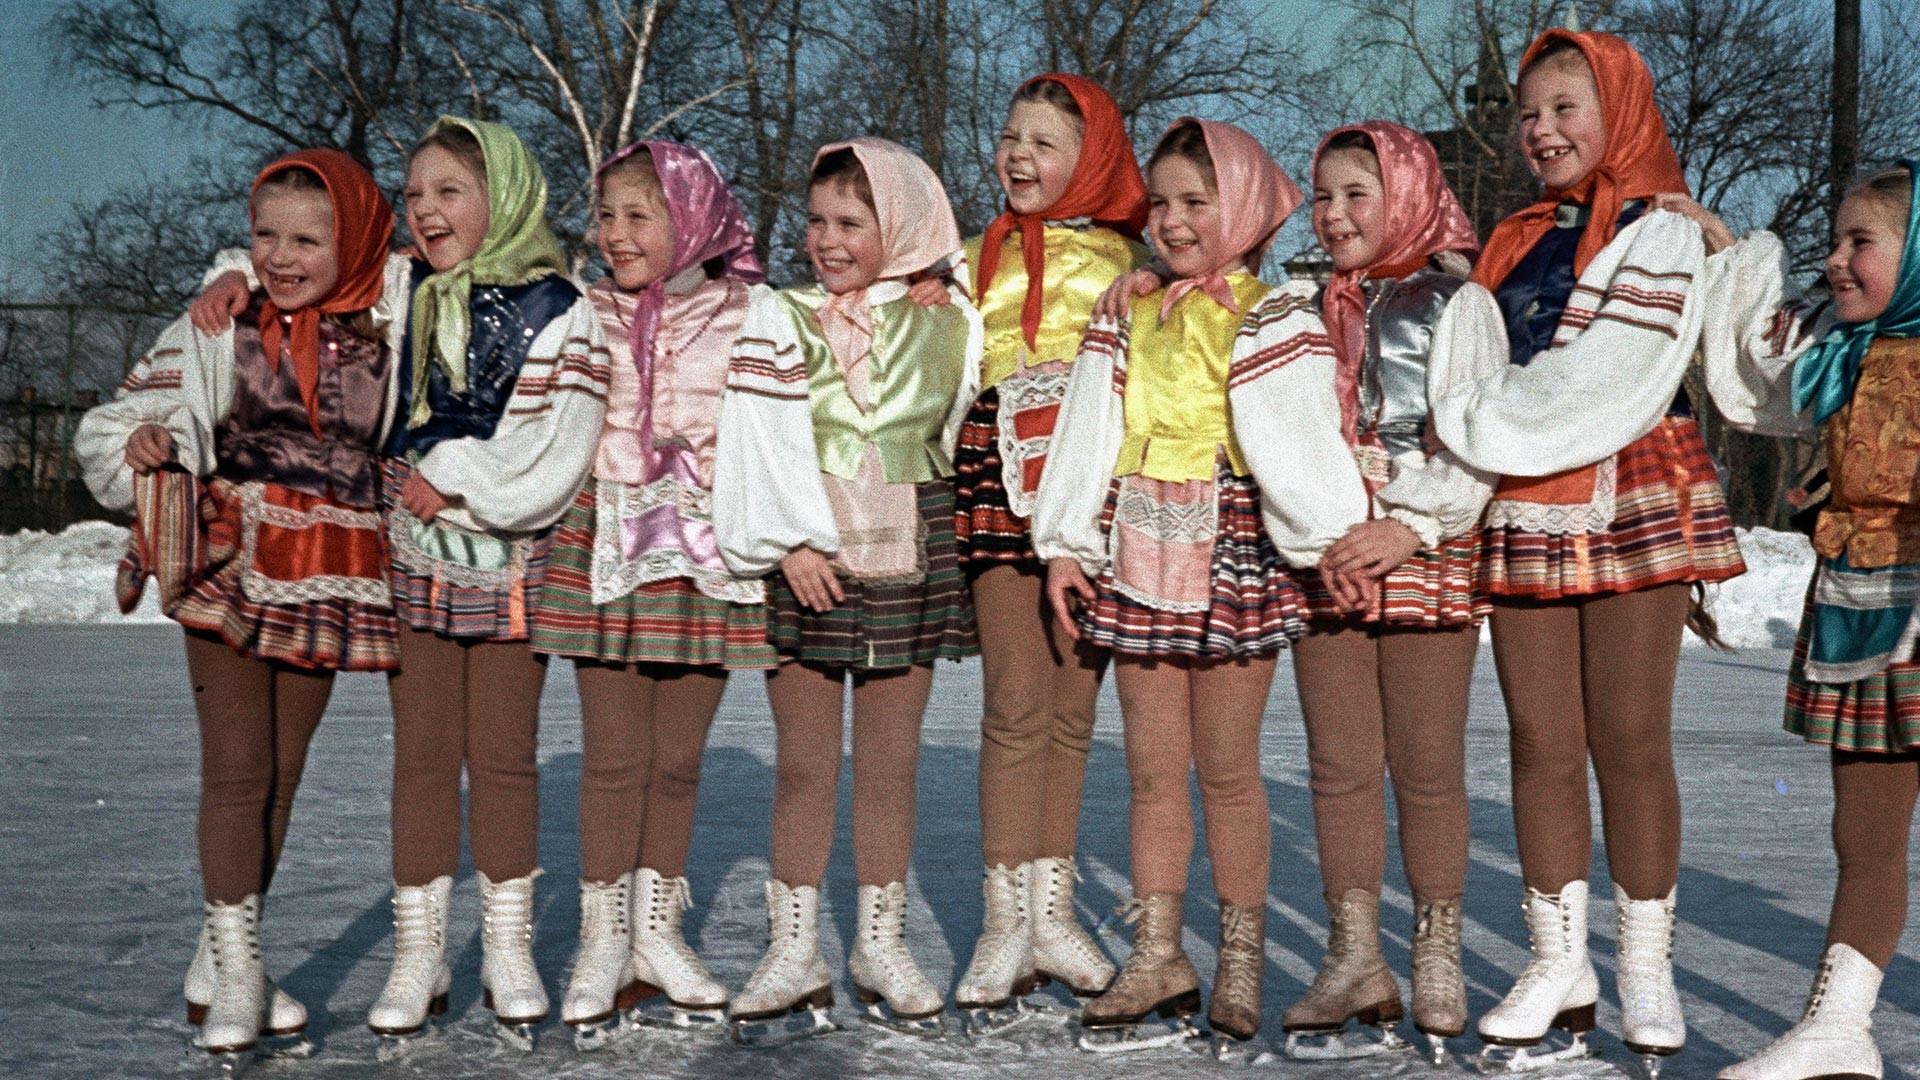 Učenice iz škole umjetničkog klizanja.